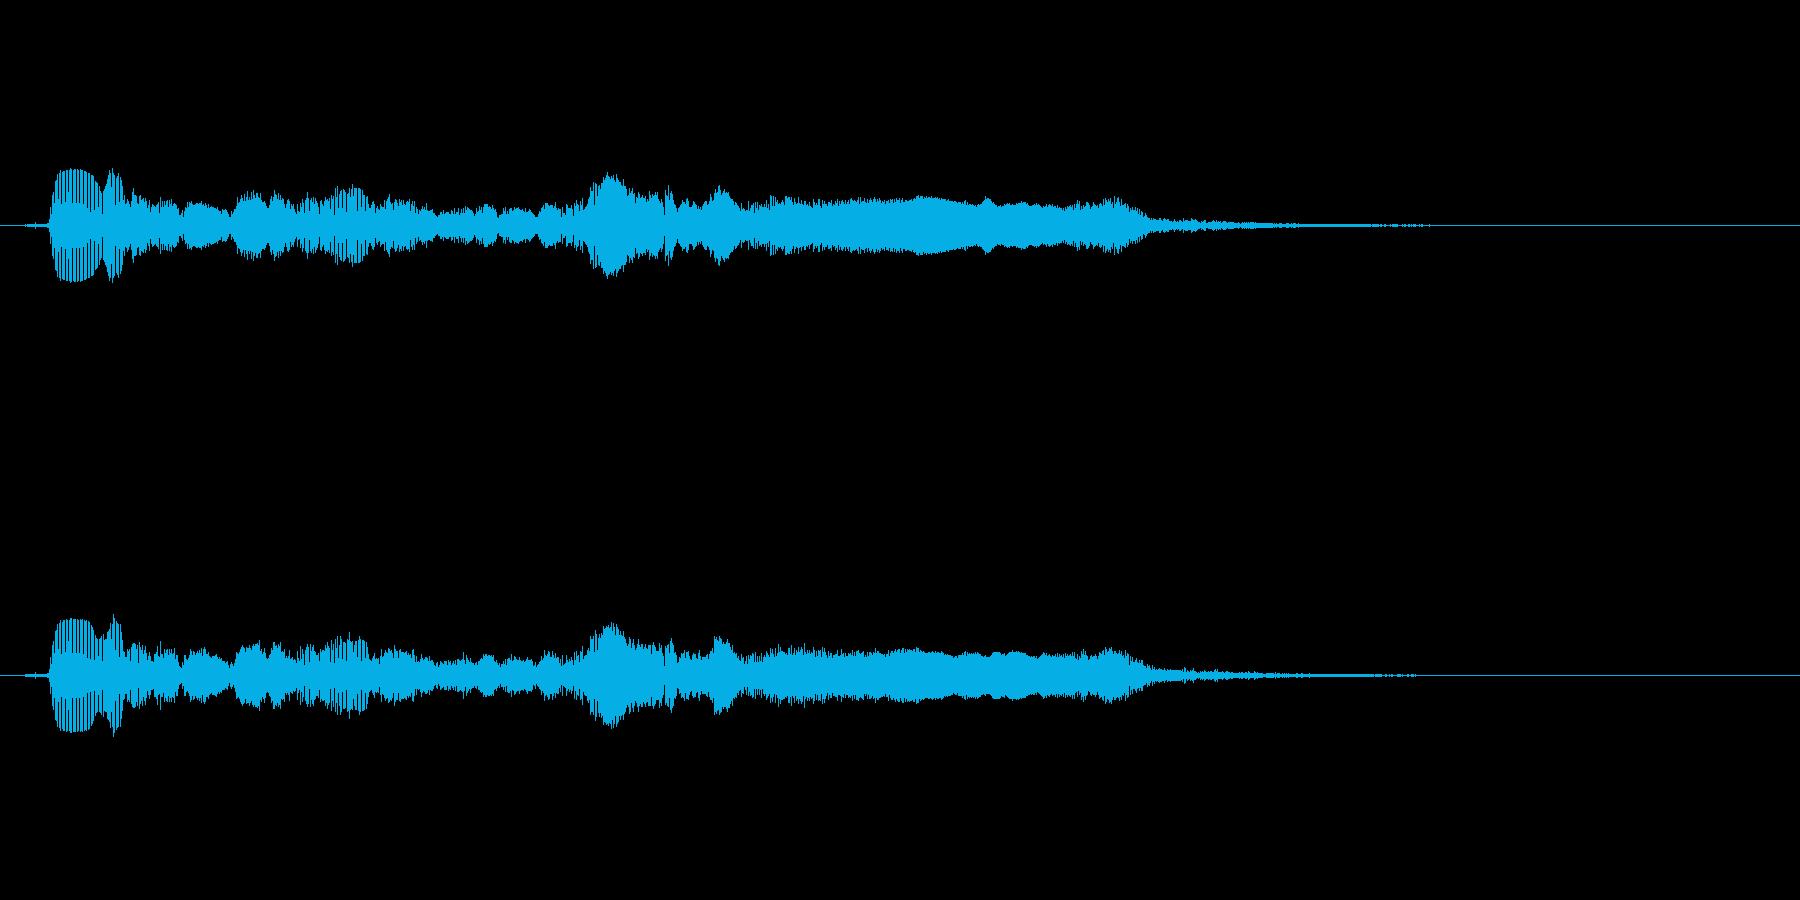 サックスで奏でるサウンドロゴの再生済みの波形